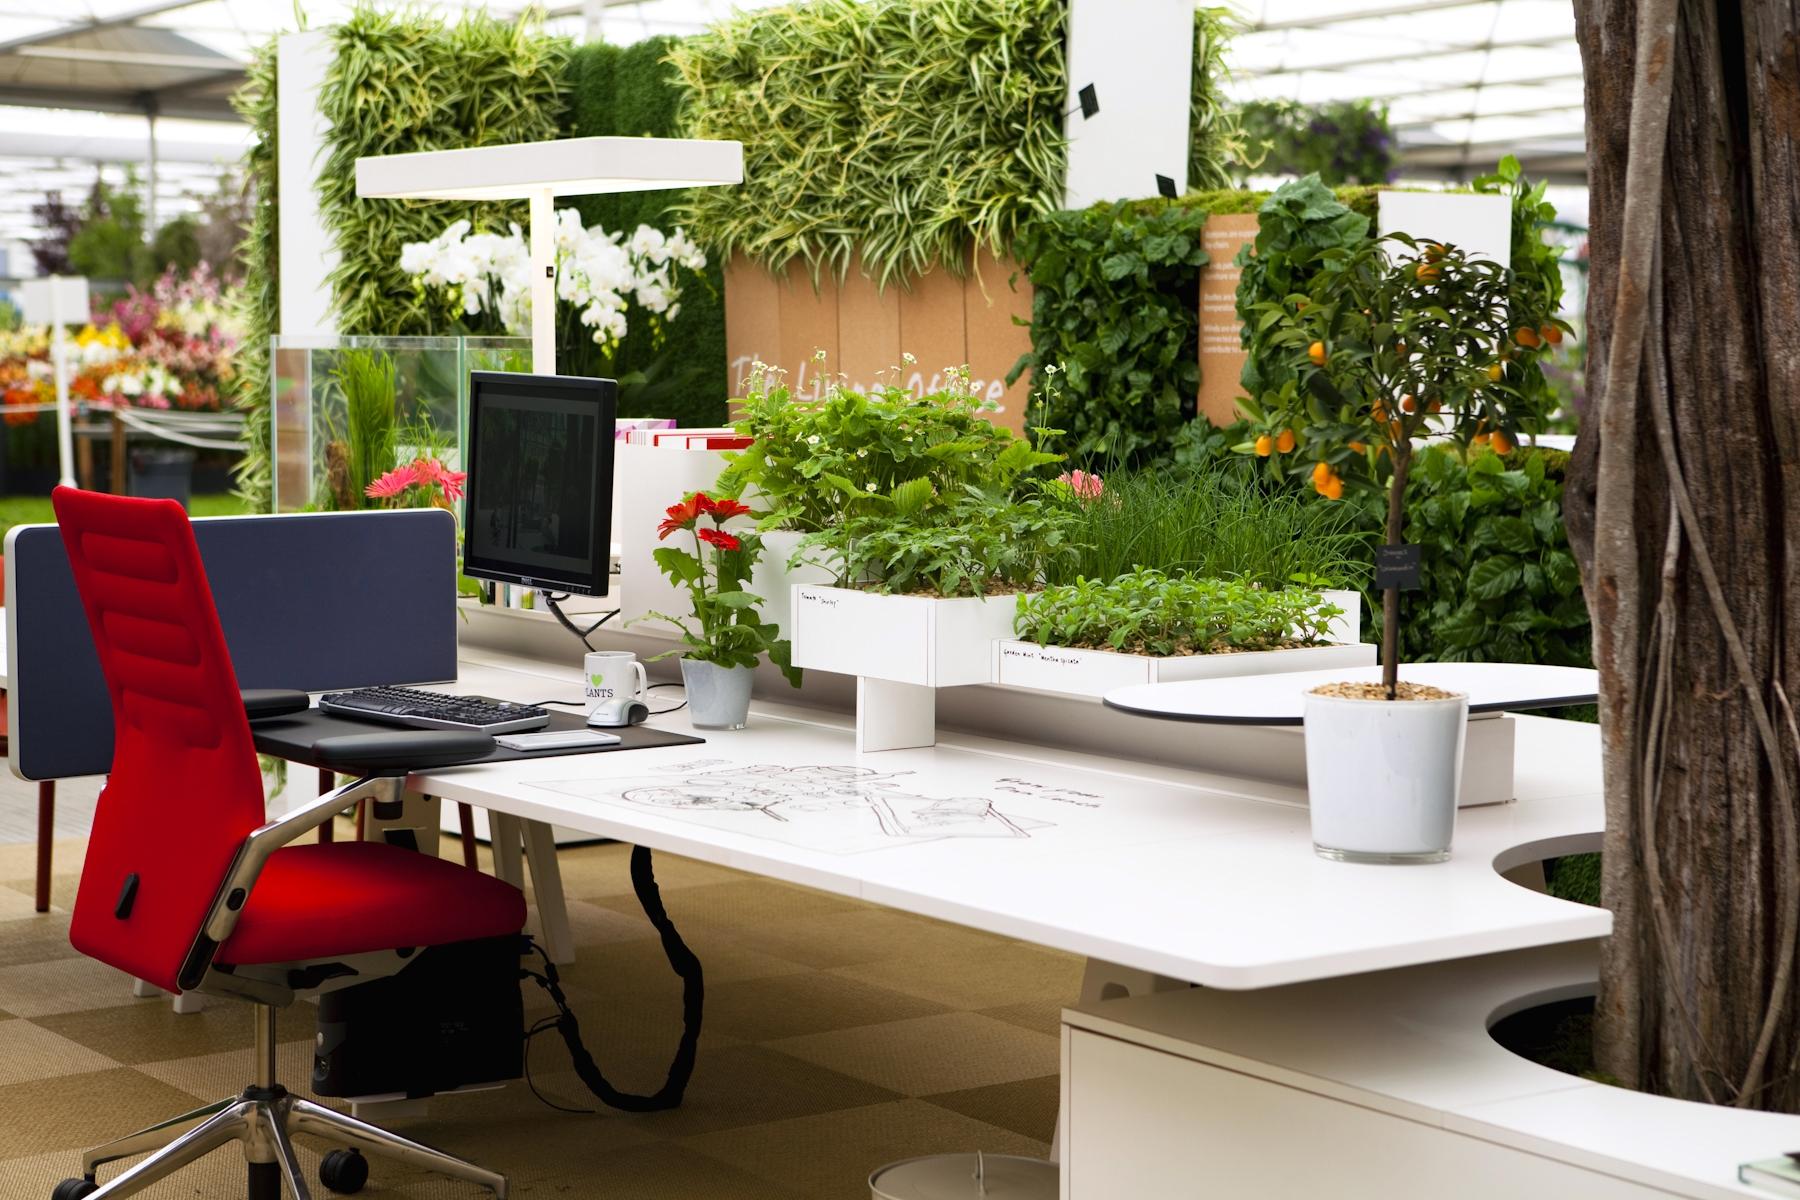 Office plants - eOffice